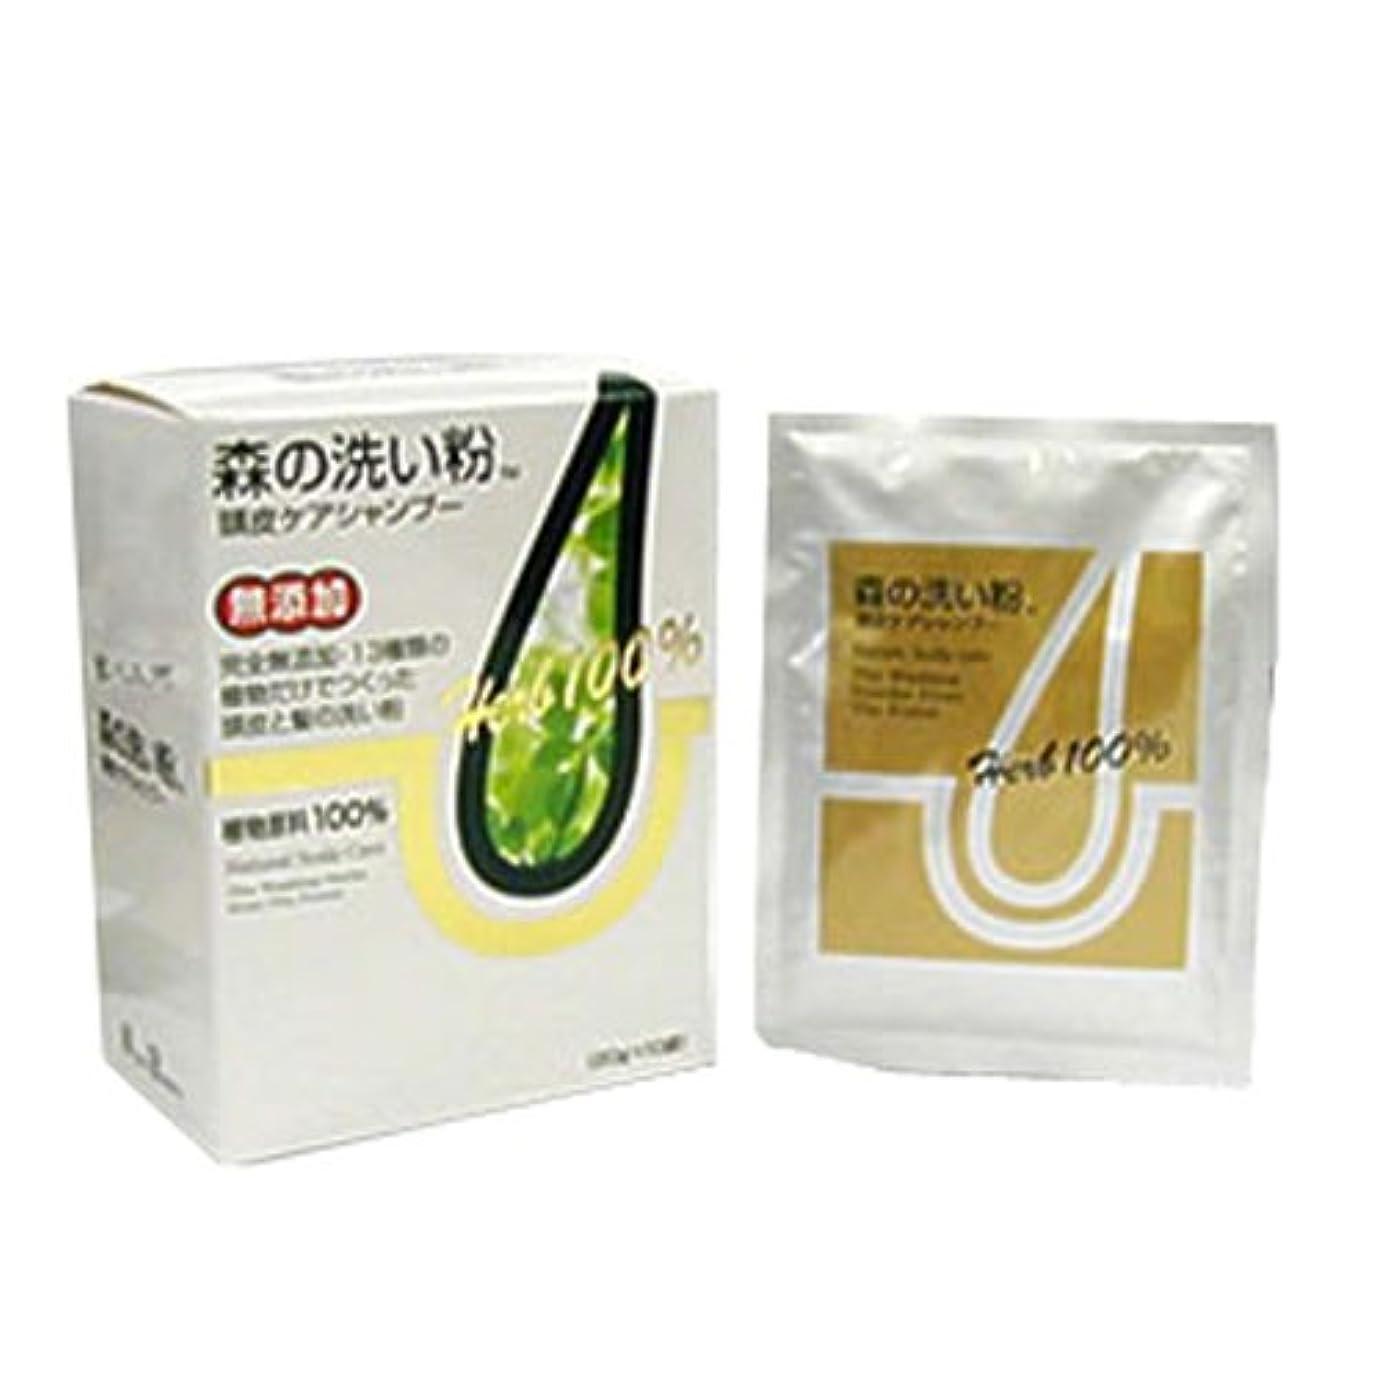 工業化する着飾る構成する森の洗い粉 頭皮ケアシャンプー 20g*10袋